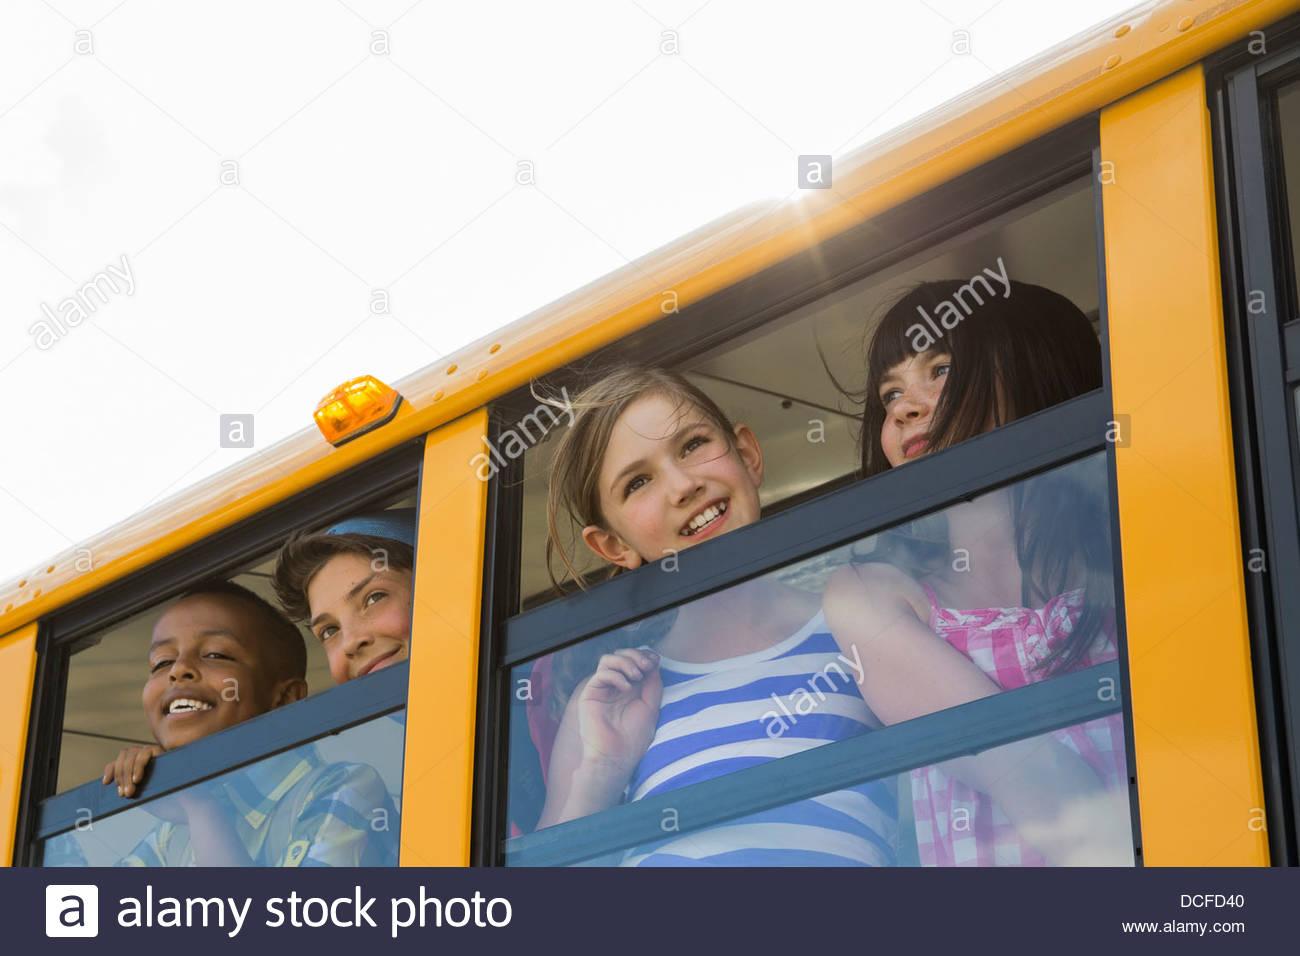 Smiling schoolchildren looking through bus window - Stock Image